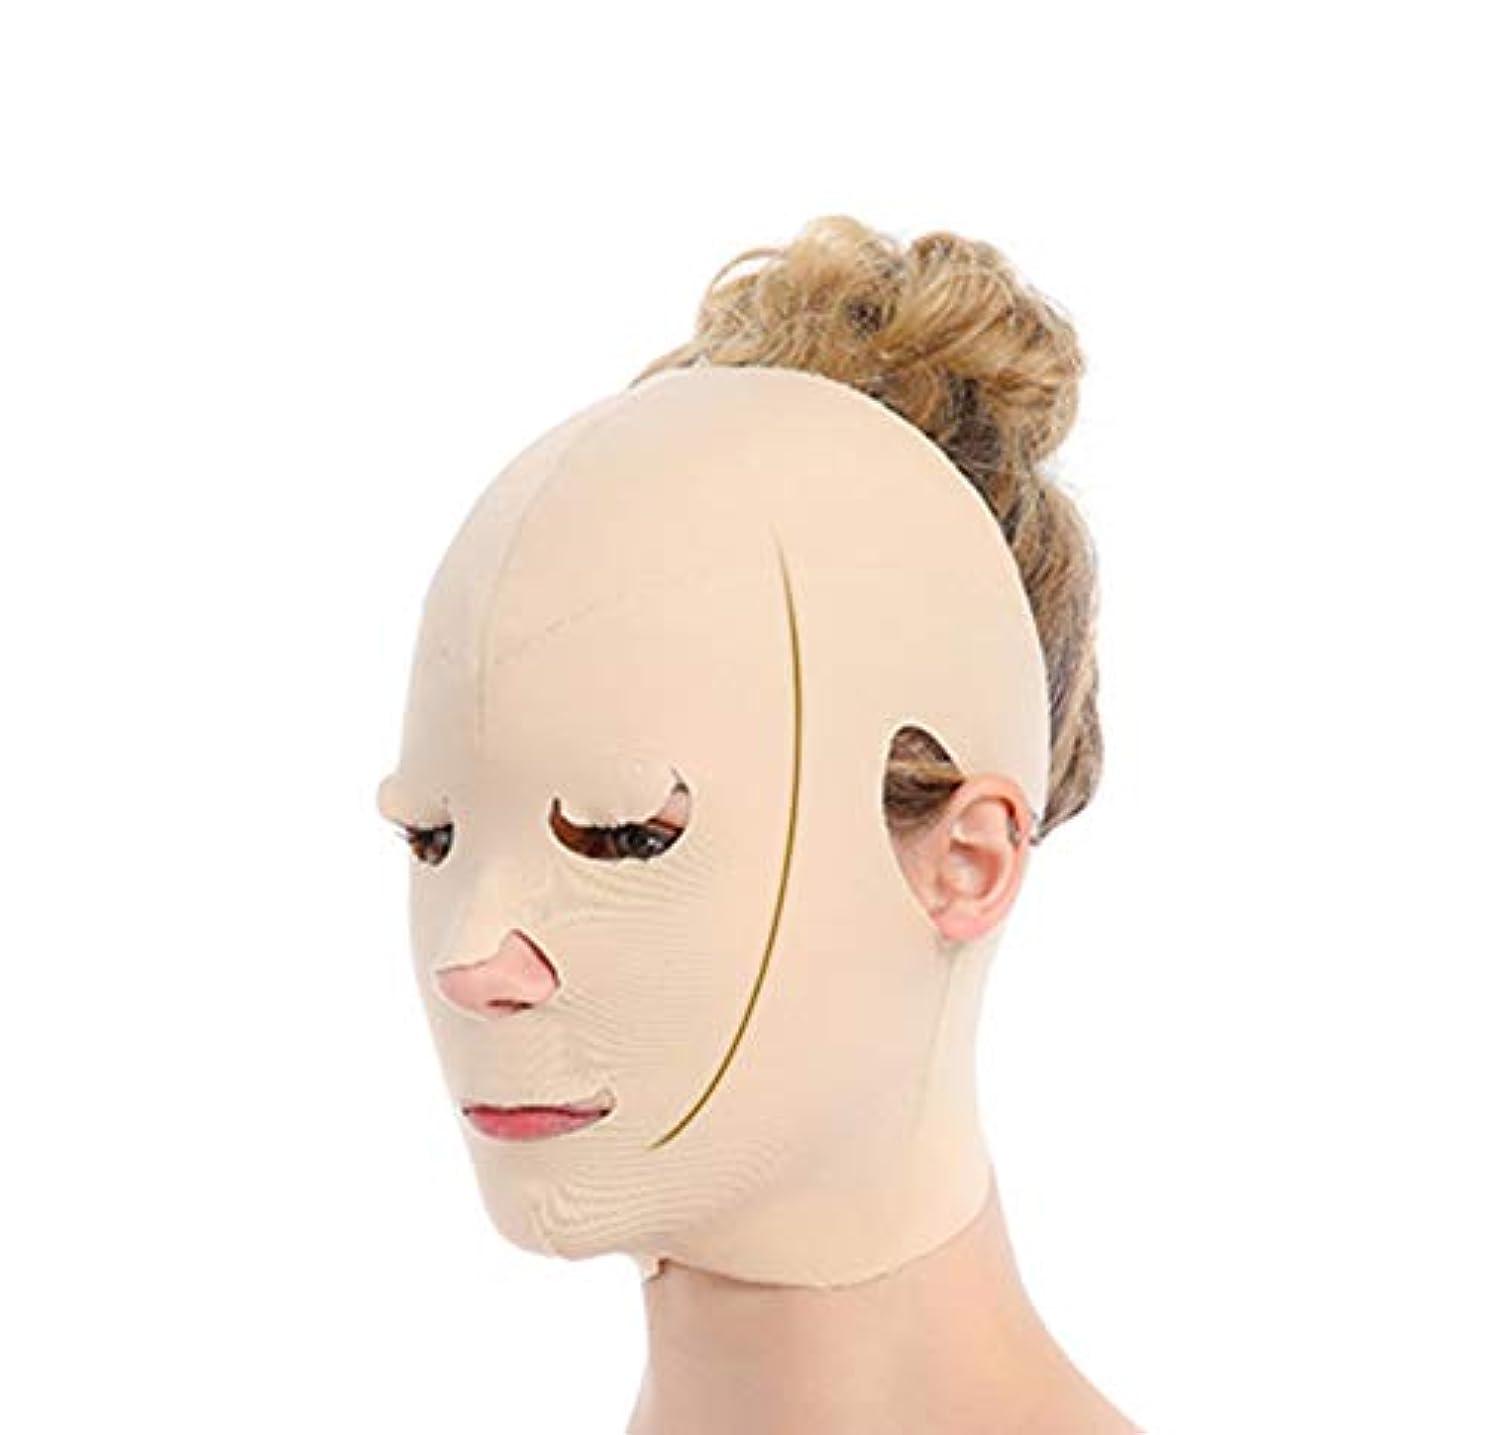 裕福な変動する高度小さな顔ツールv顔包帯薄い顔美容マスク怠惰な睡眠マスク男性と女性v顔包帯整形リフティング引き締め顔薄い二重あご